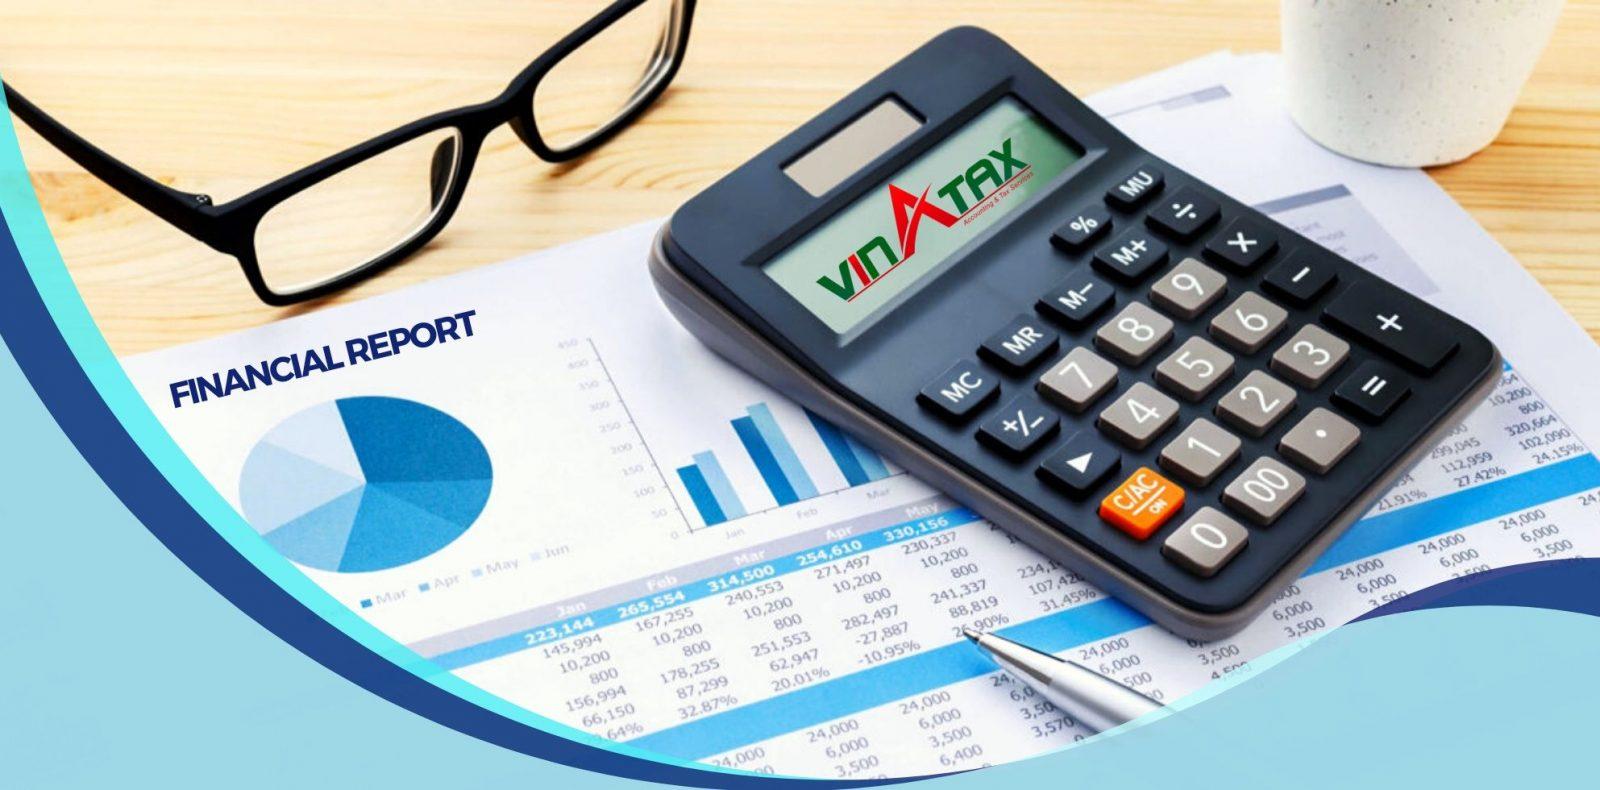 Khái niệm dịch vụ tài chính những điều bạn cần biết